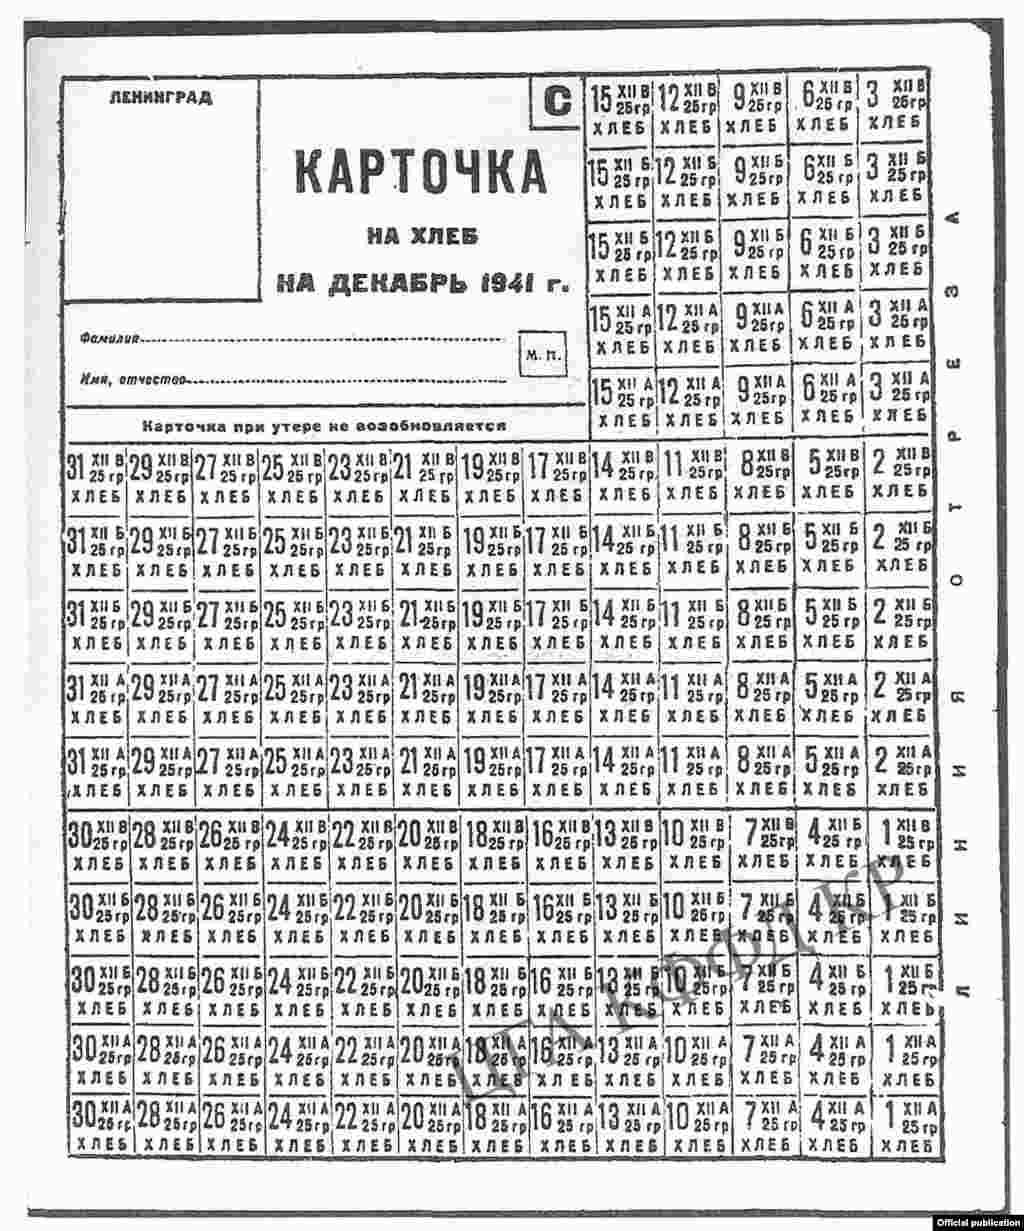 Декабрь айы үчүн нанга кагаз. Бир күндүк рацион 125 граммды түзгөн. Москва шаары. 1941-жыл.